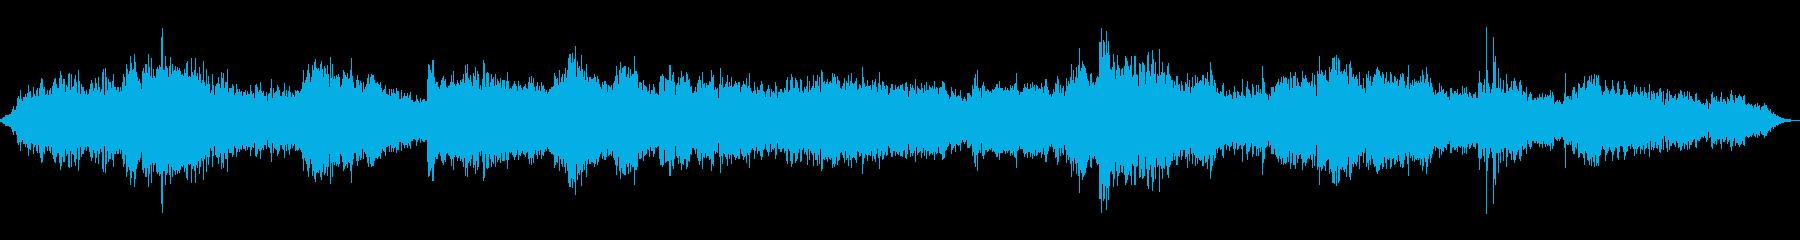 古代宇宙医療研究所の不吉な展示低ド...の再生済みの波形